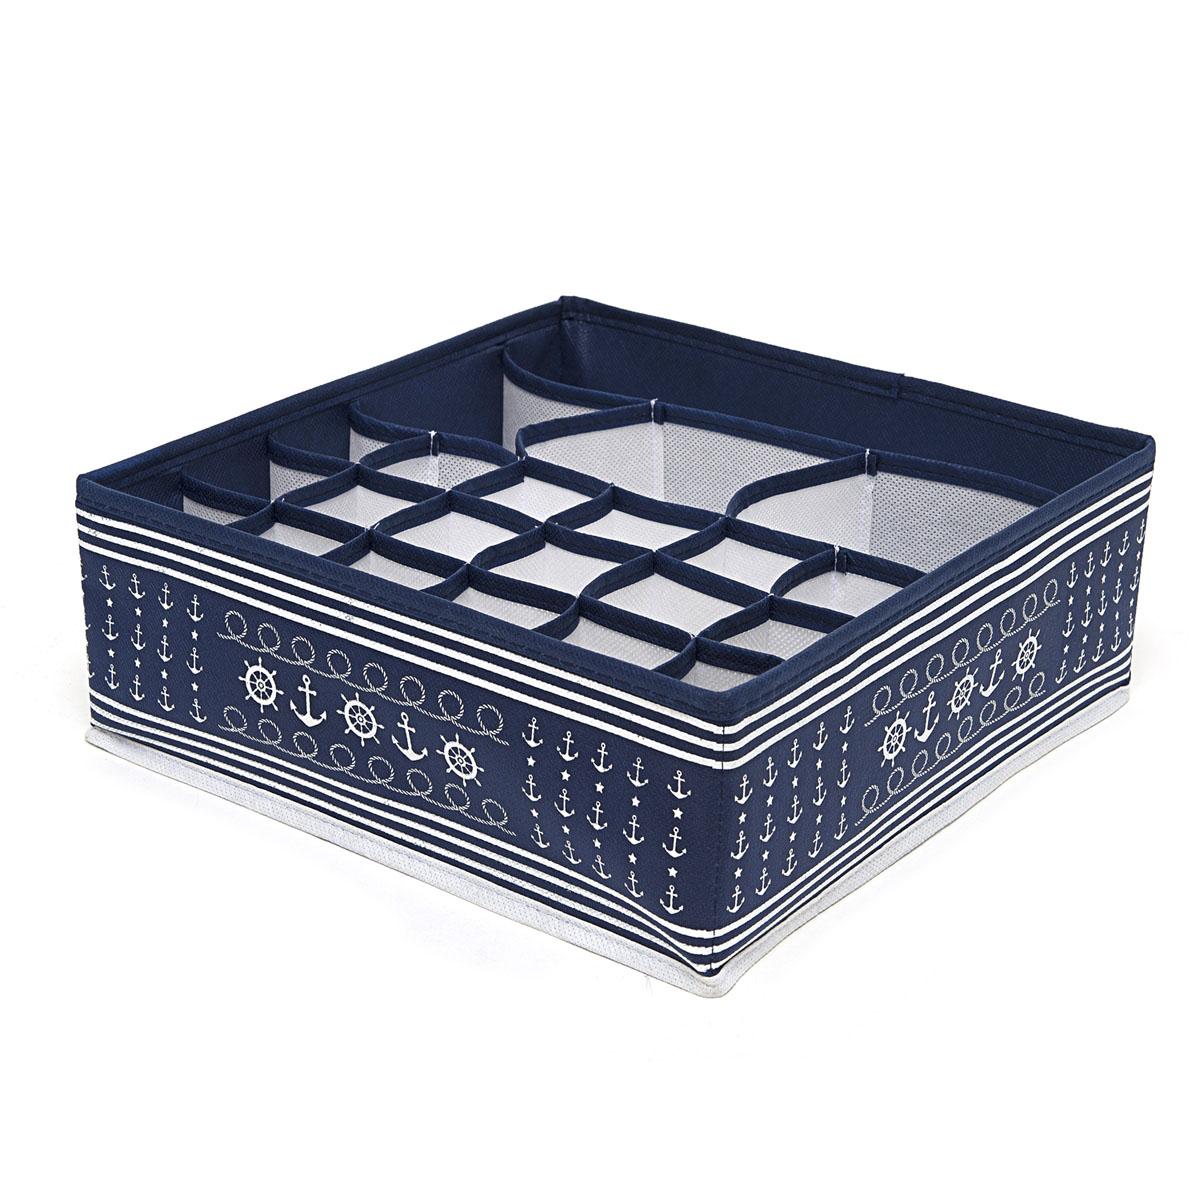 Органайзер для хранения вещей Homsu Ocean, 22 секции, 30 х 30 х 11 смHOM-222Компактный органайзер Homsu Ocean изготовлен из высококачественного полиэстера, который обеспечивает естественную вентиляцию. Материал позволяет воздуху свободно проникать внутрь, но не пропускает пыль. Органайзер отлично держит форму, благодаря вставкам из плотного картона. Изделие имеет 22 квадратные секции для хранения нижнего белья, колготок, носков и другой одежды.Такой органайзер позволит вам хранить вещи компактно и удобно.